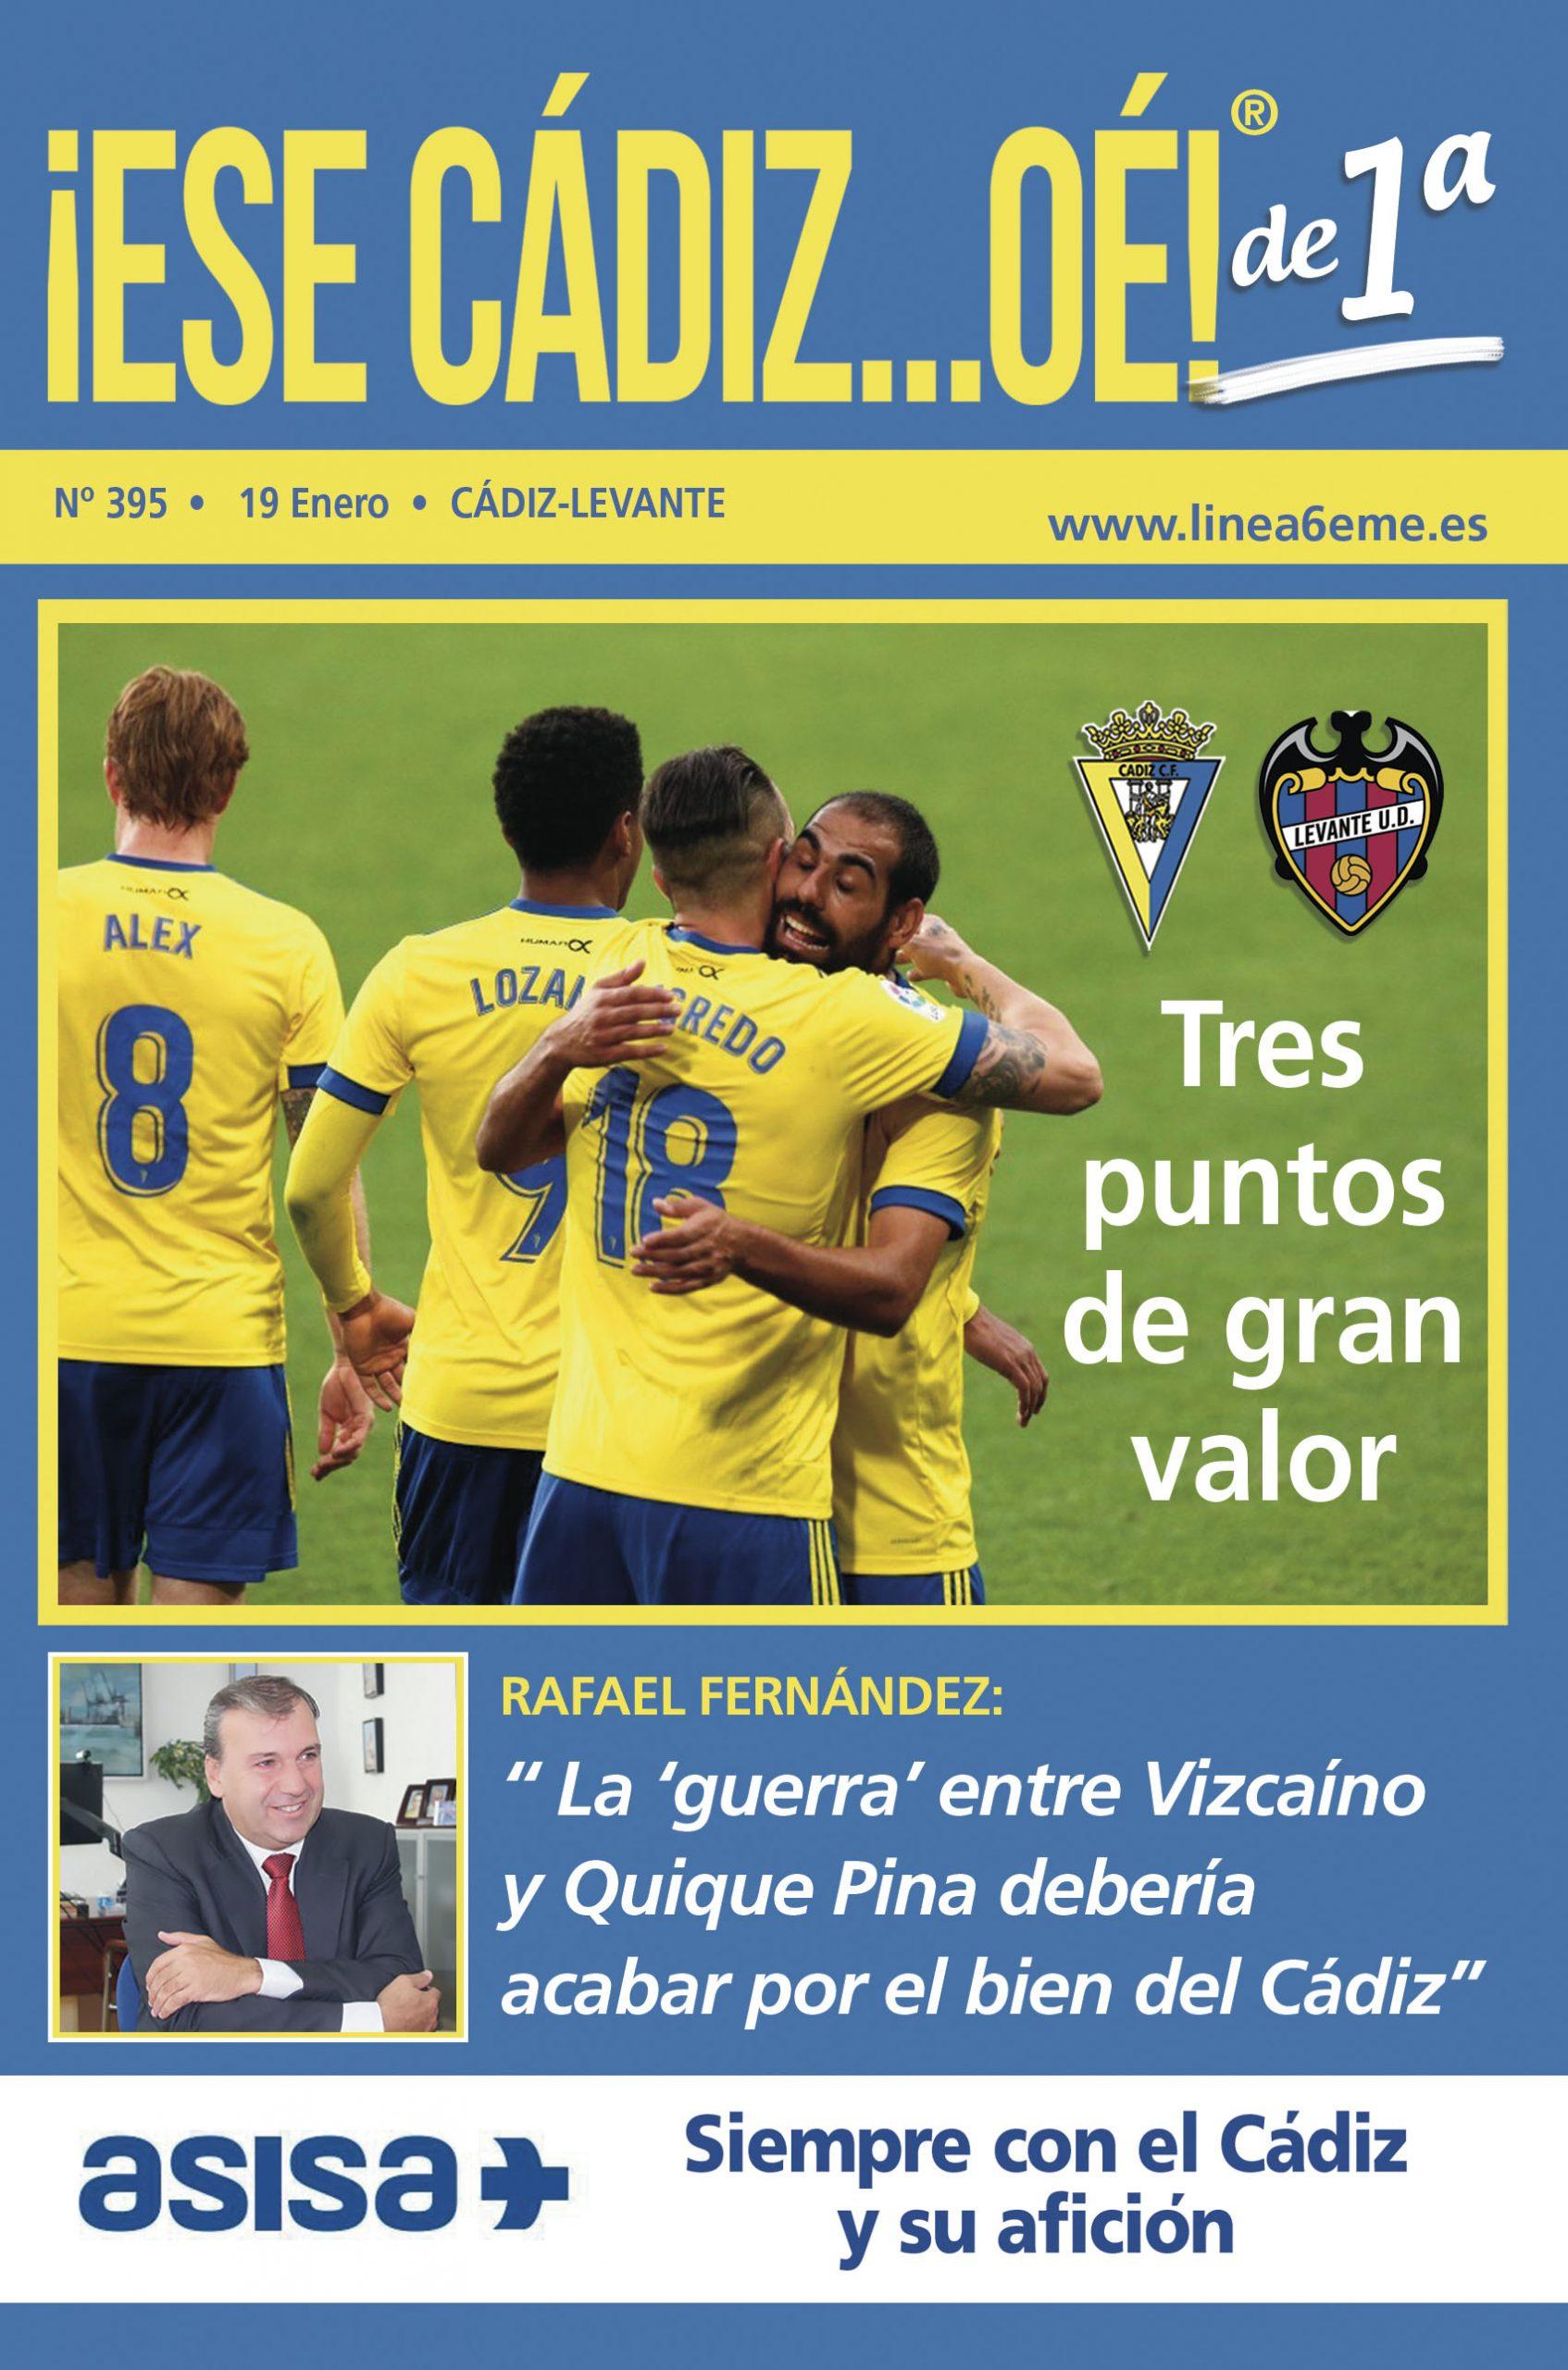 ¡ESE CÁDIZ…OÉ! NÚM. 395 TEMPORADA 2020/21